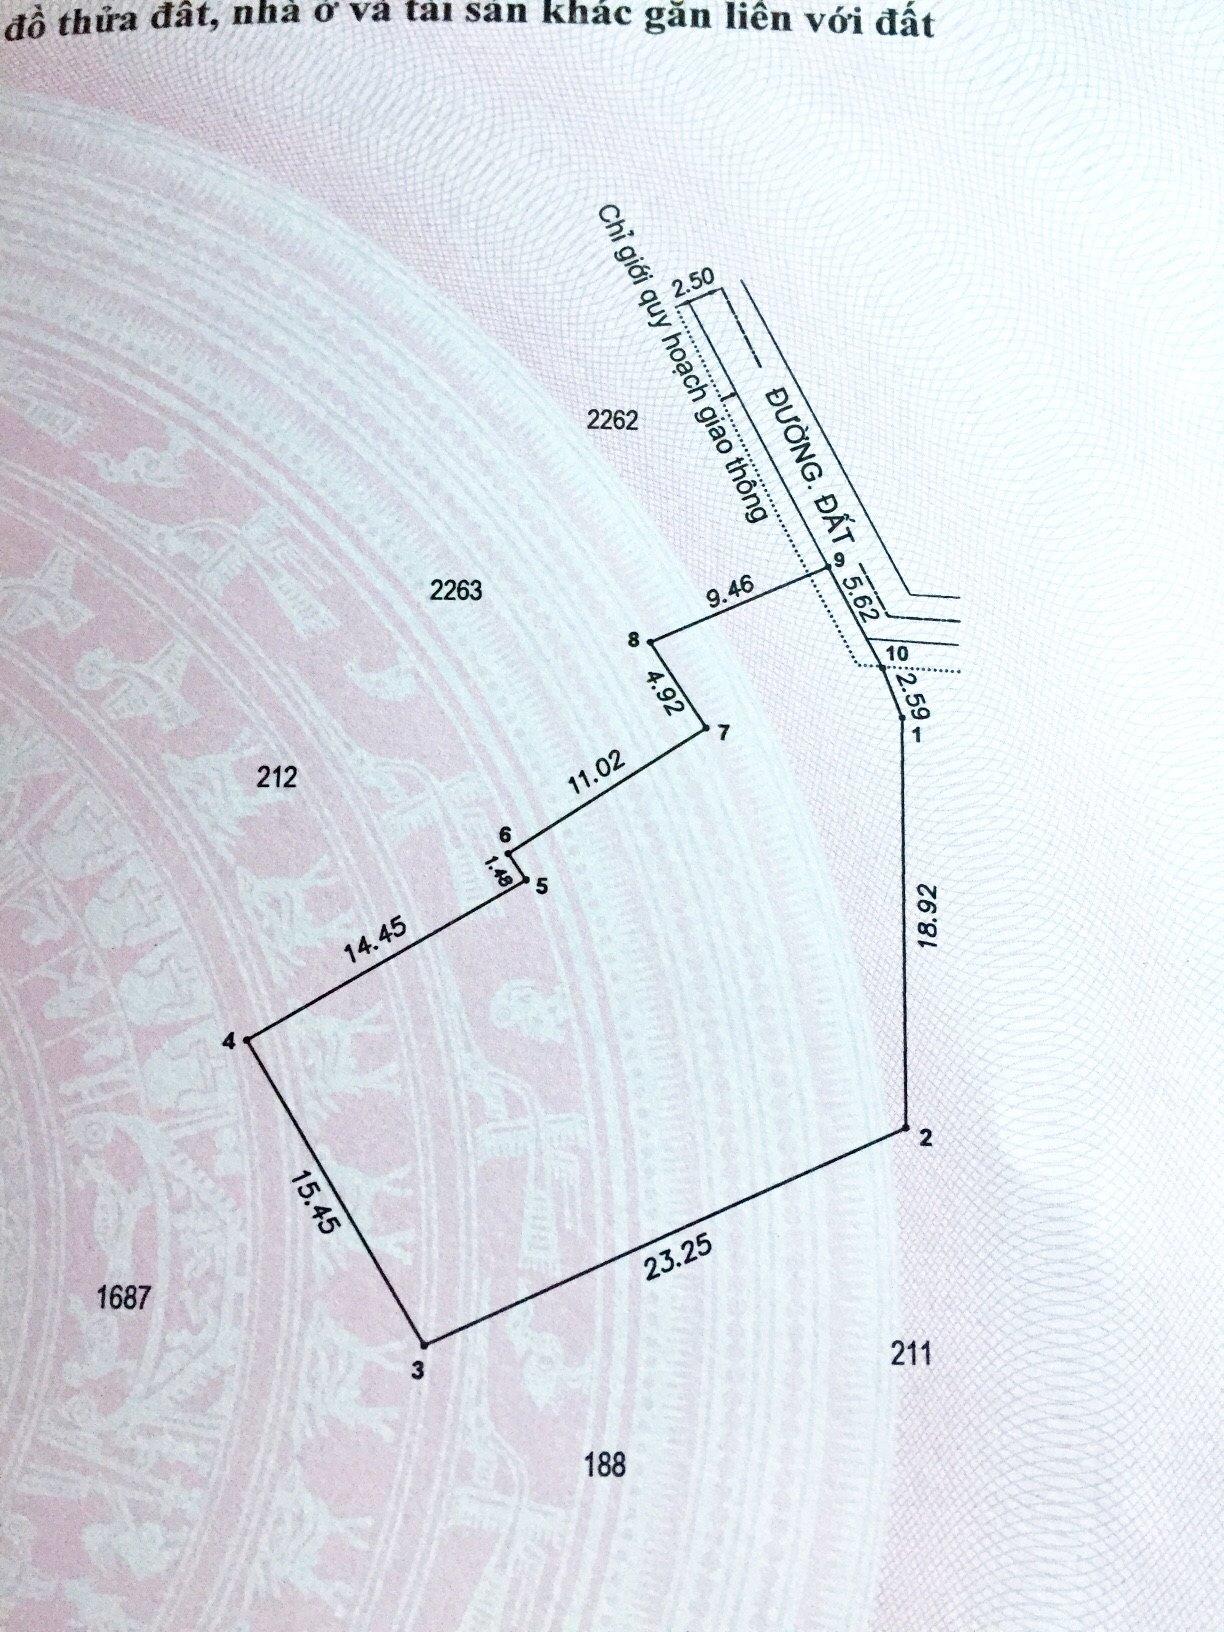 CẦN SANG NHƯỢNG 570M2 ĐẤT TẠI TÂN ĐÔNG HIỆP DĨ AN BÌNH DƯƠNG CHÍNH CHỦ SỔ RIÊNG BAO SANG TÊN